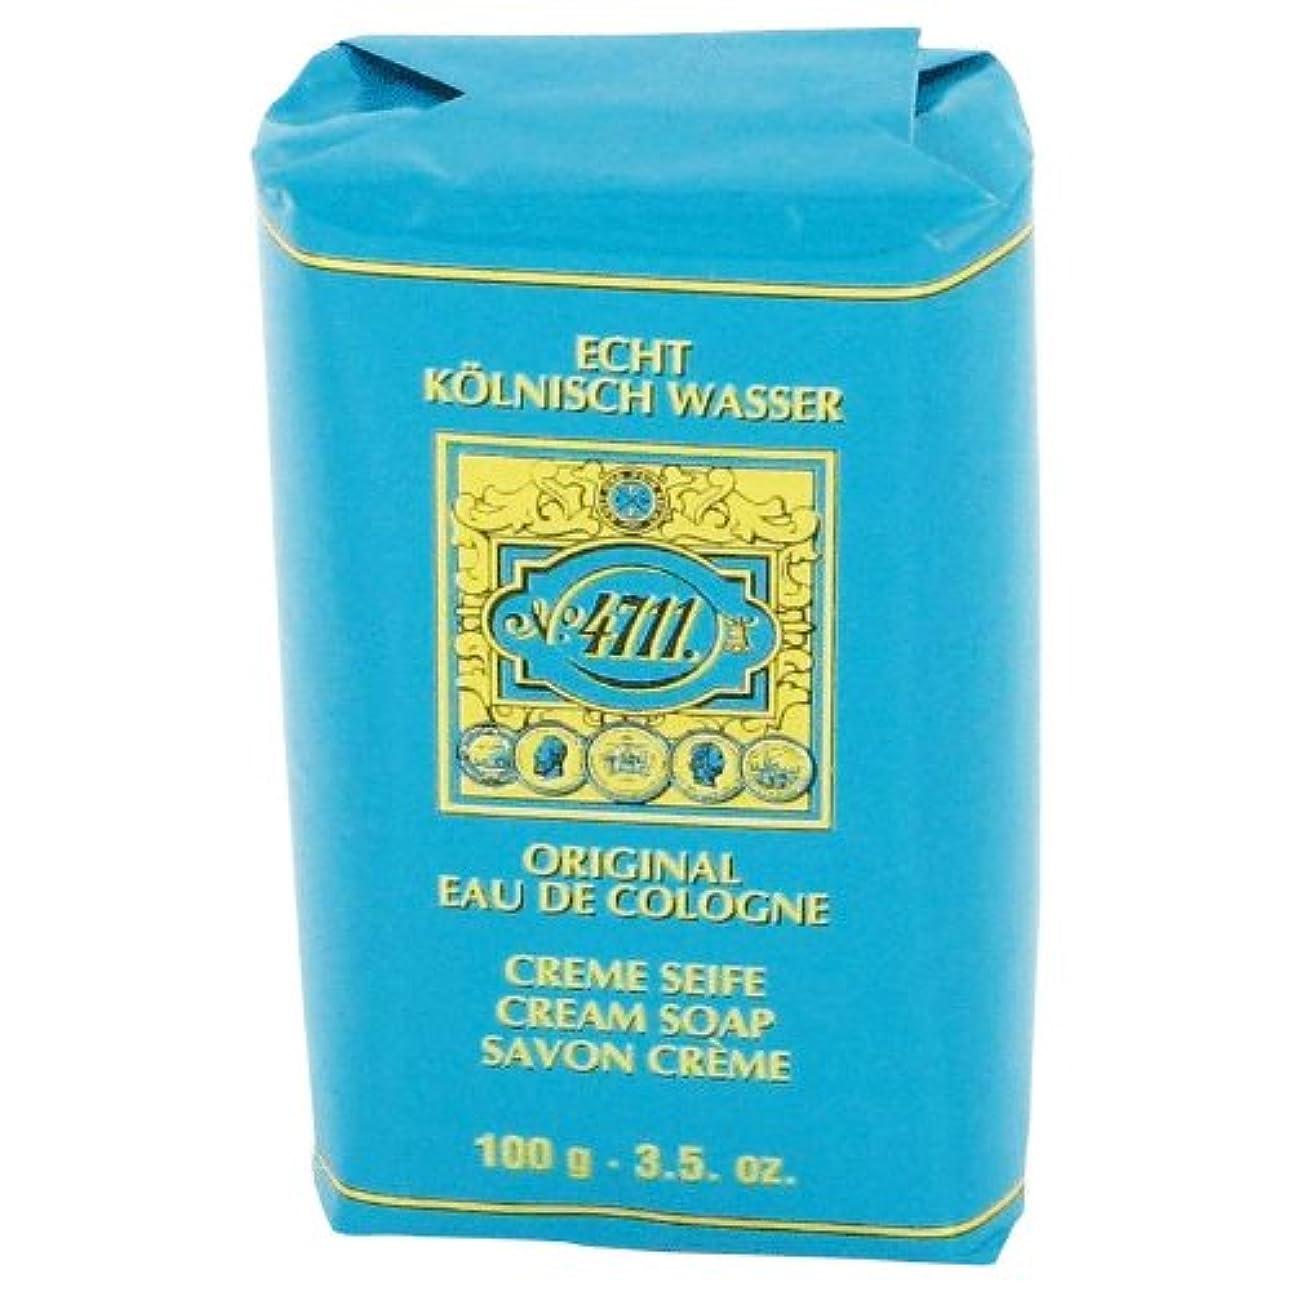 香水セットアップ島4711 cream soap 100 gr [海外直送品] [並行輸入品]